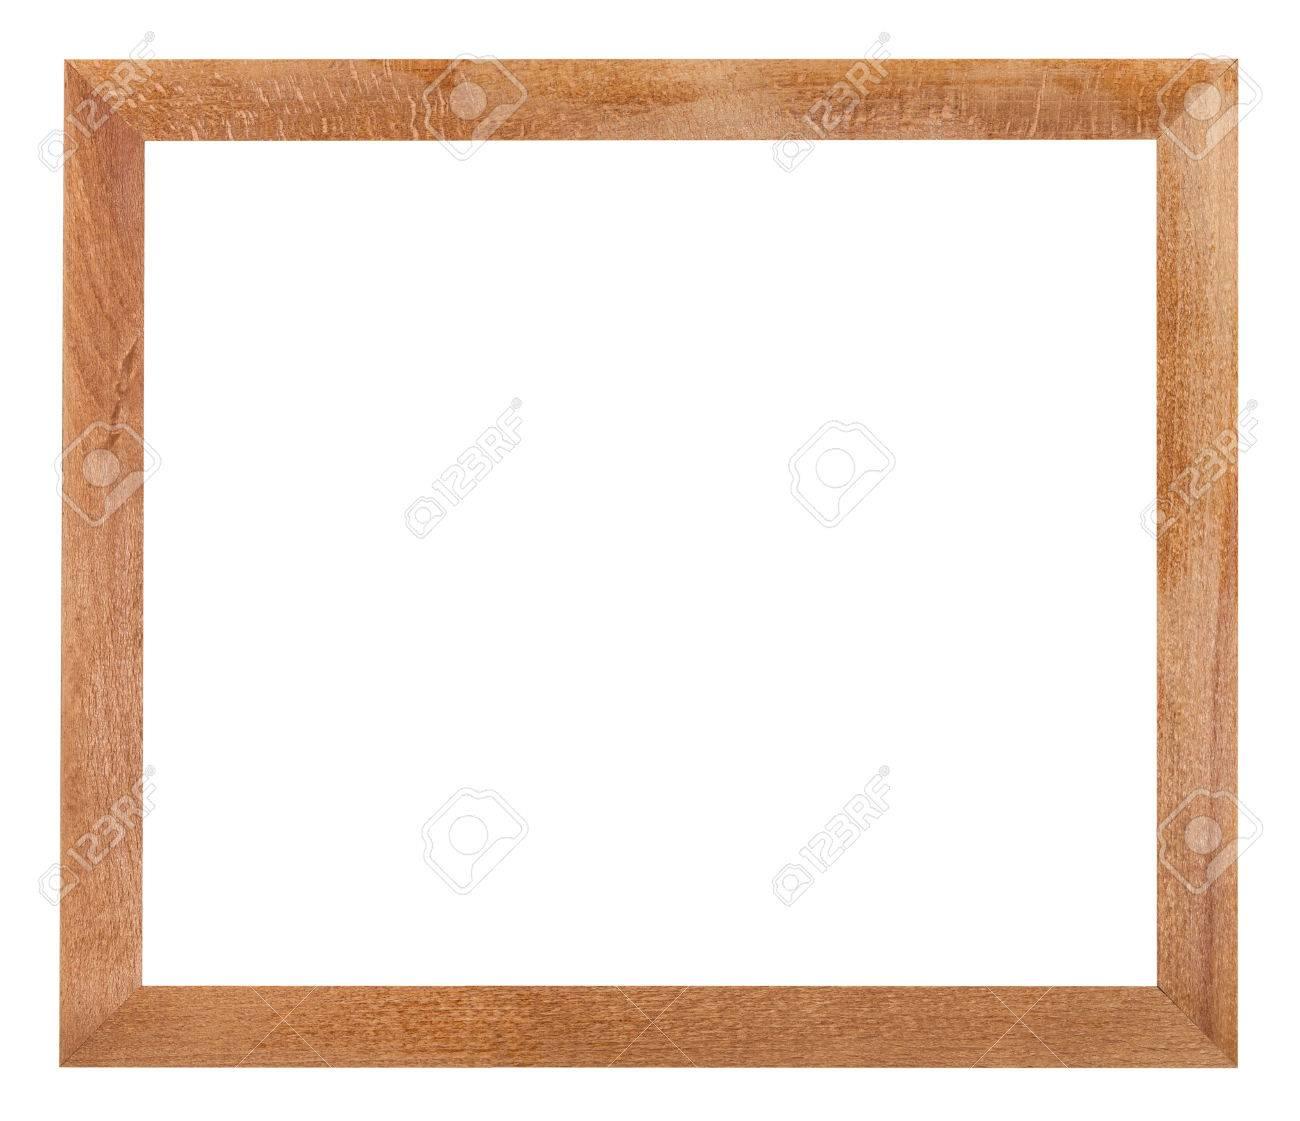 Moderne Einfache Flache Holz-Bilderrahmen Mit Ausgeschnitten ...